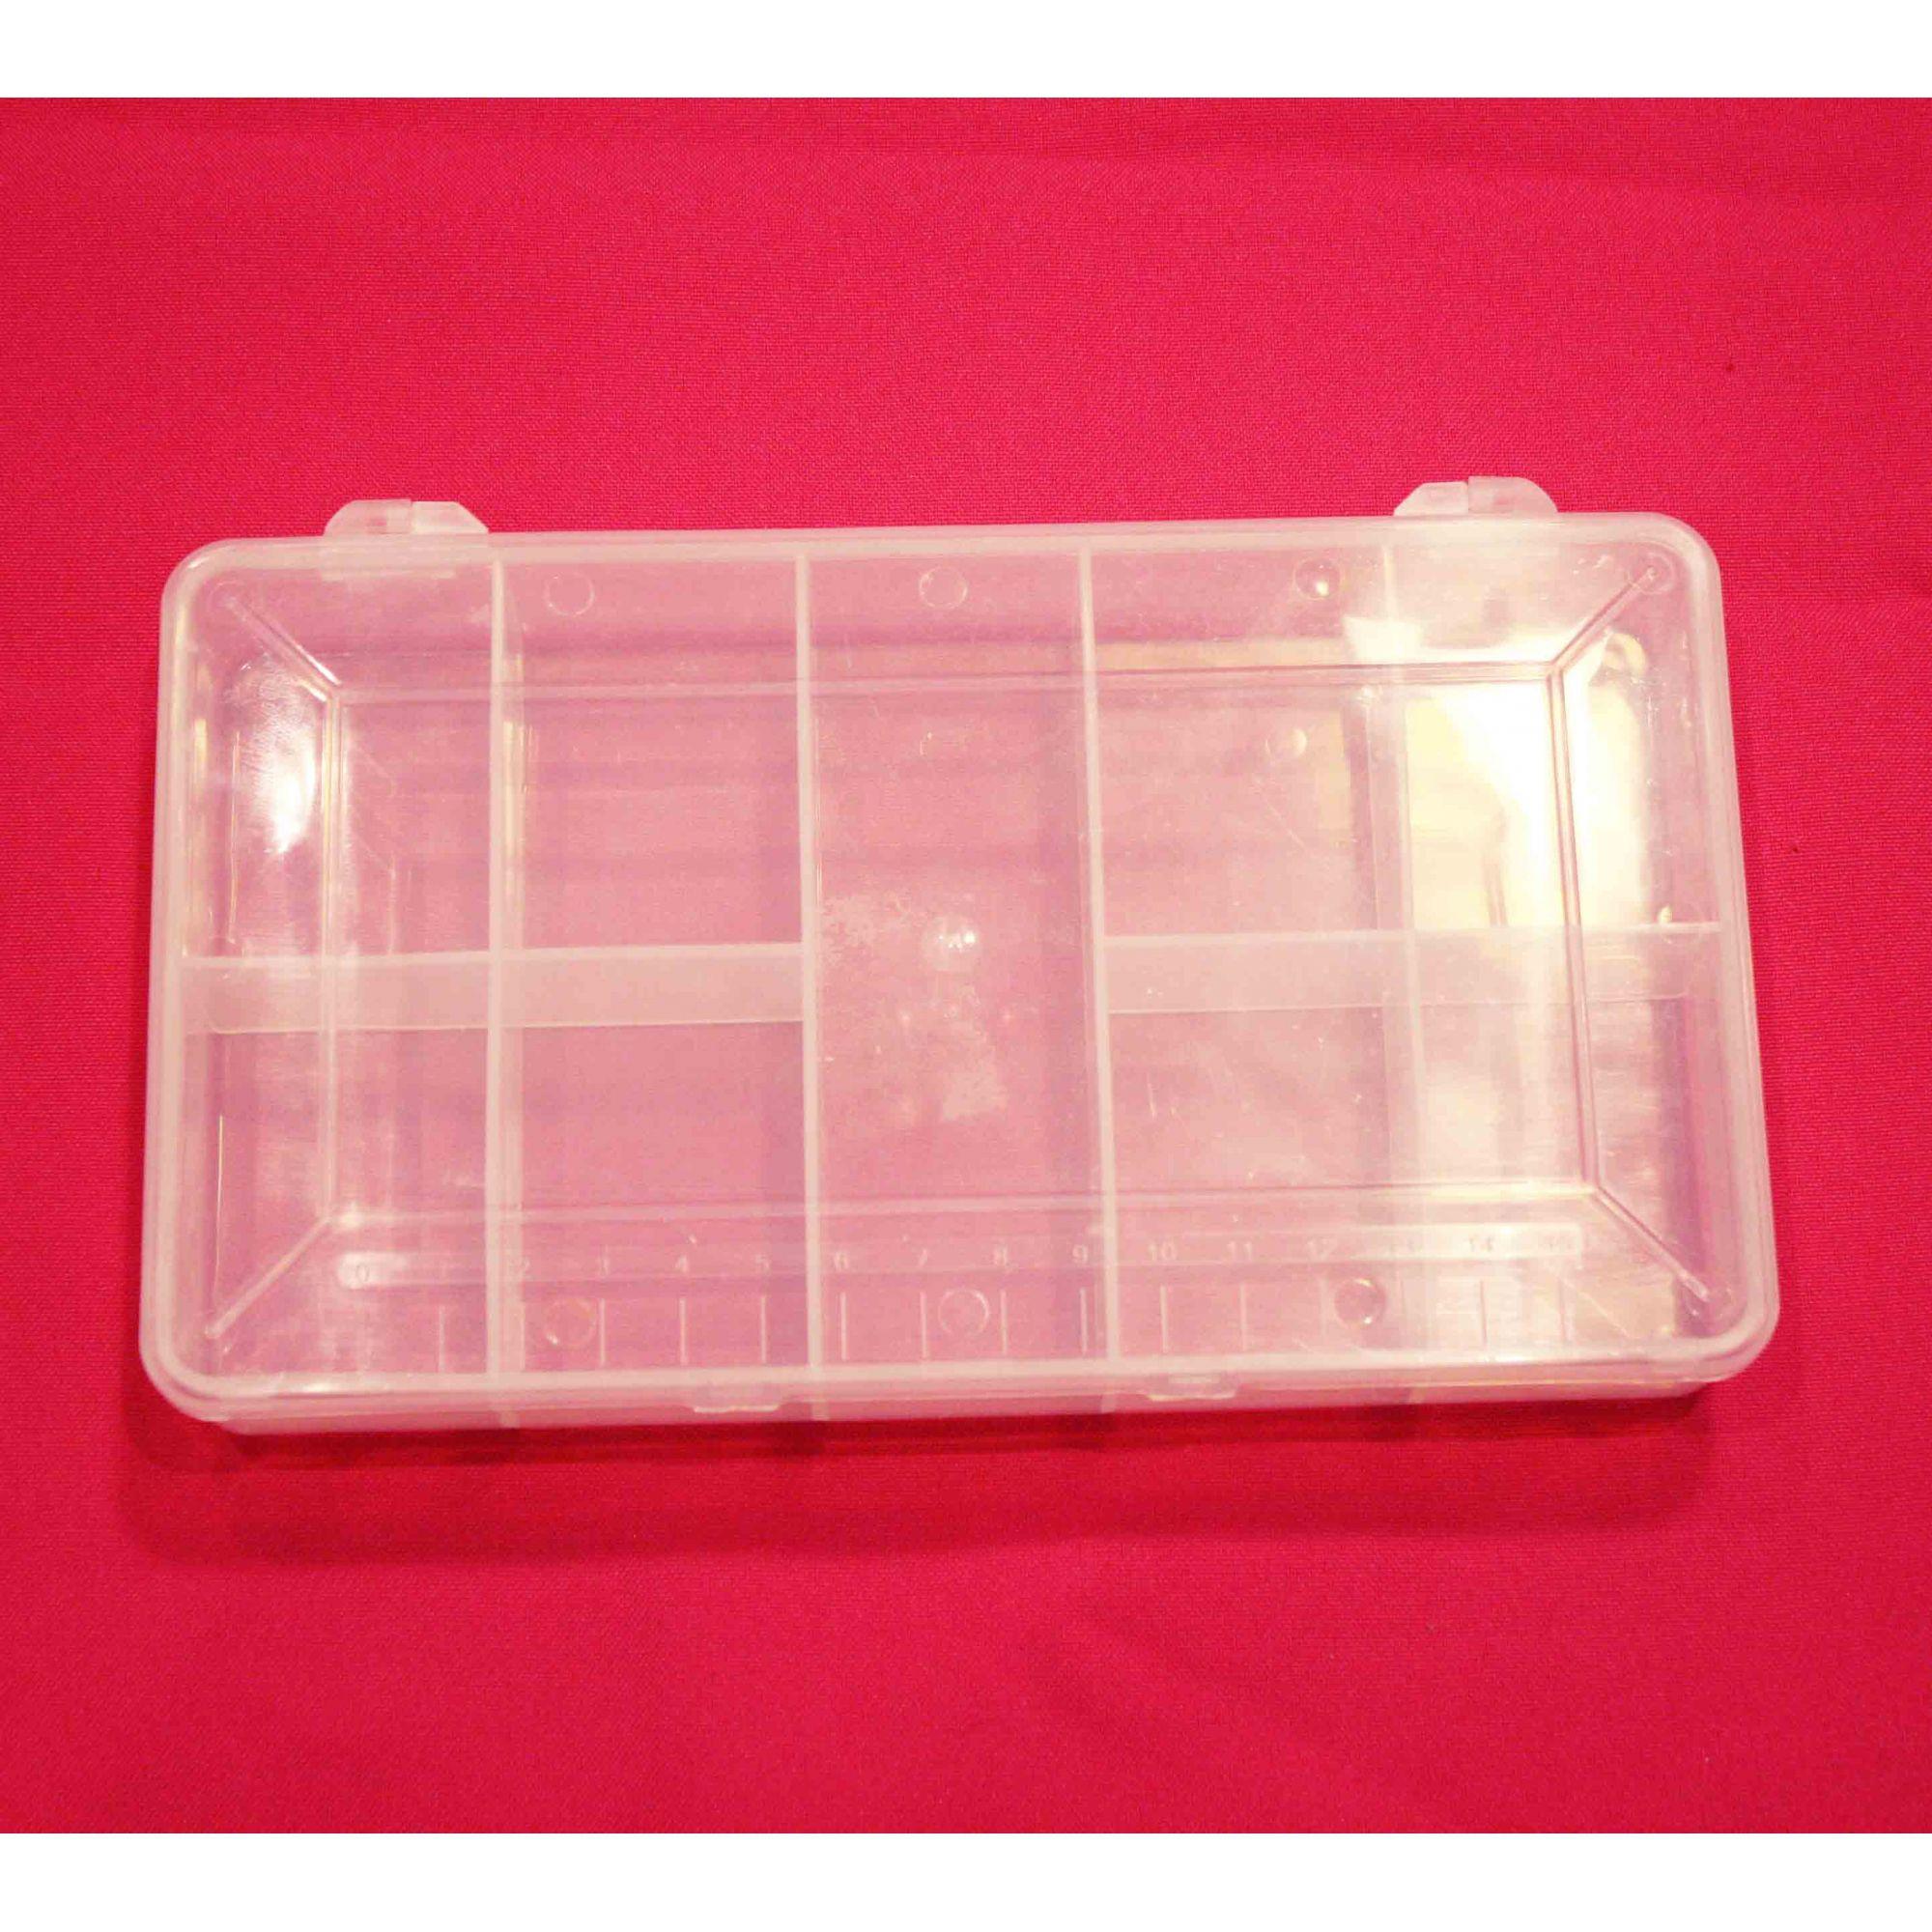 Caixa Organizadora - Transparente - 20cm  - Stéphanie Bijoux® - Peças para Bijuterias e Artesanato